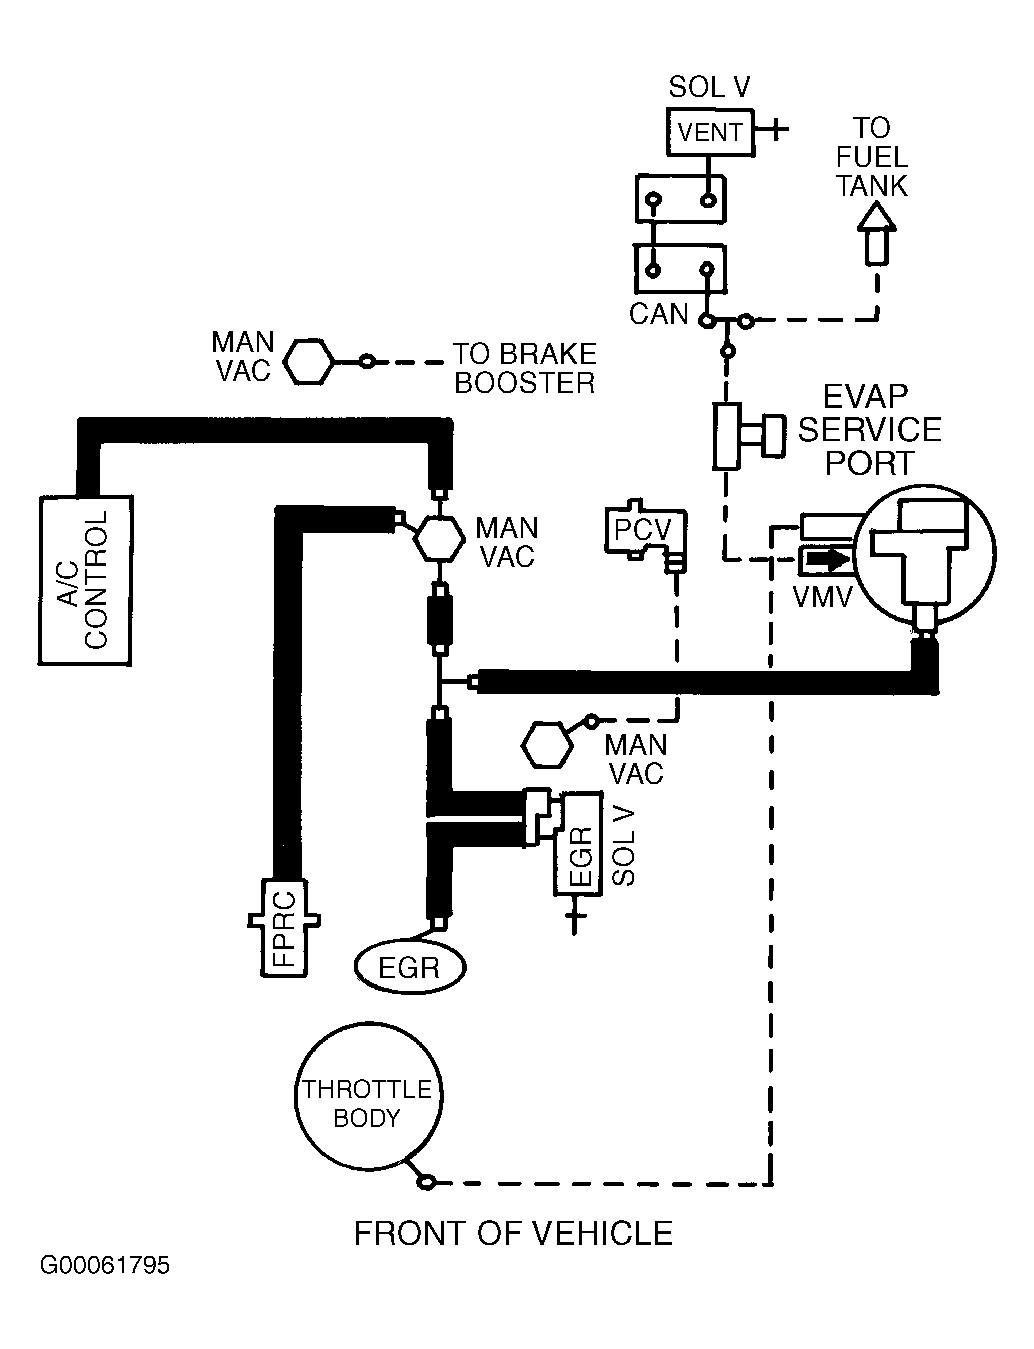 2001 ford explorer wiring diagram bohr model sport trac vacuum auto